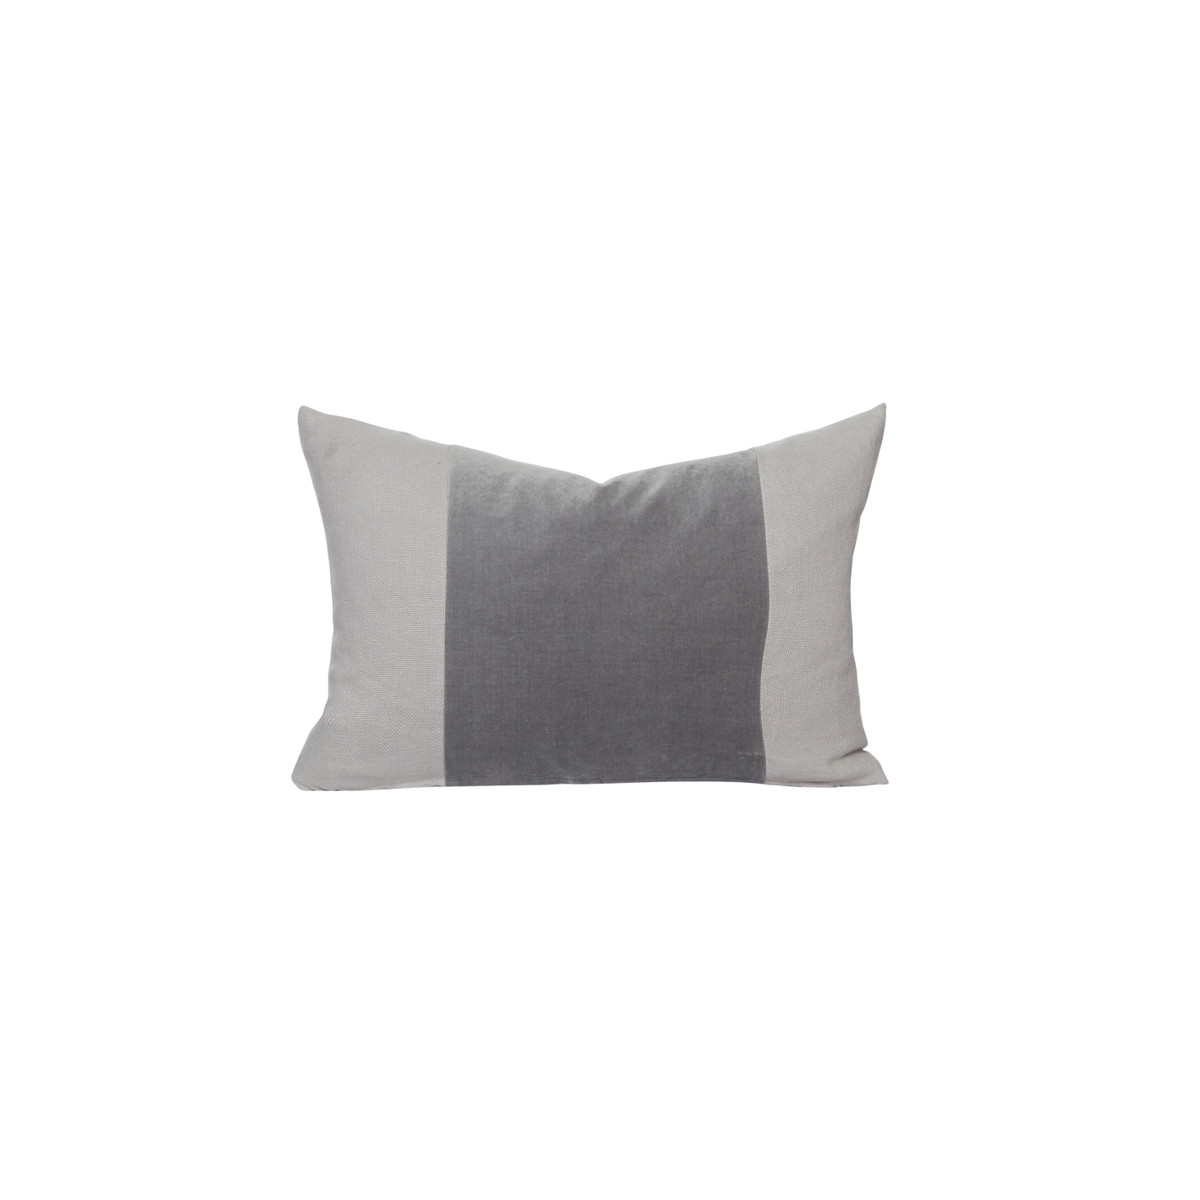 Aden gray moonstone velvet lumbar pillow - front